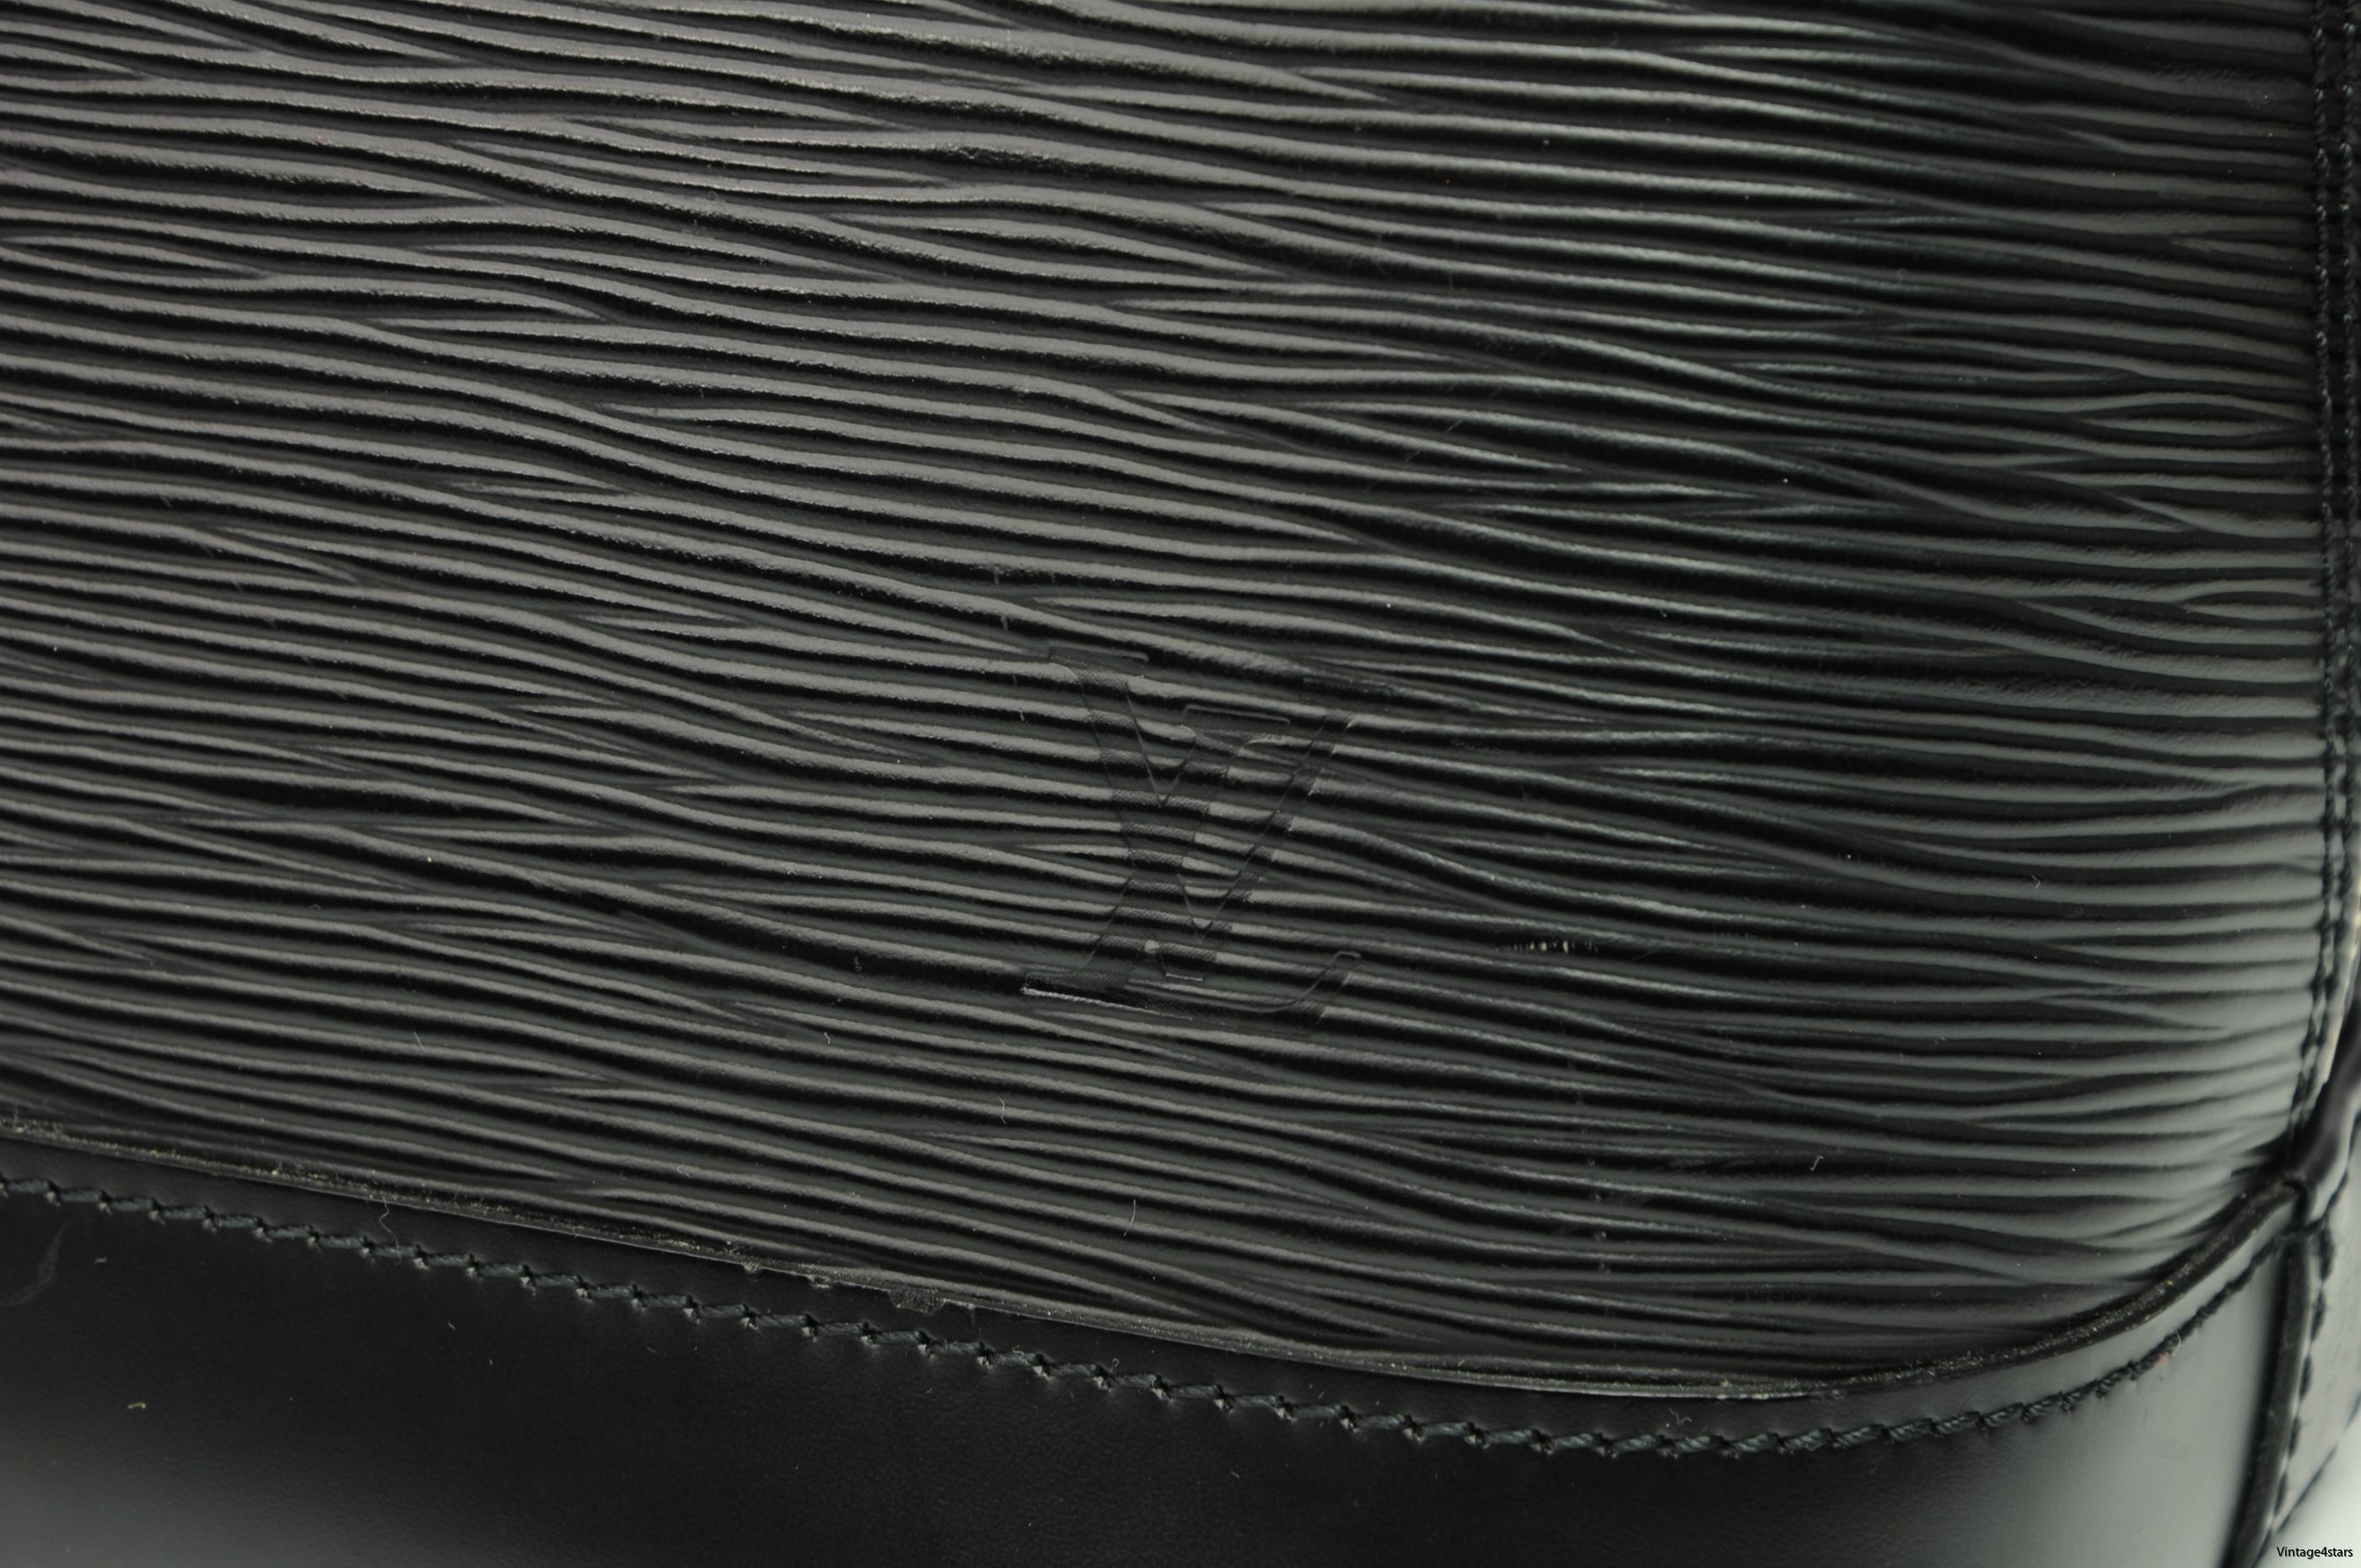 Louis Vuitton Alma Epi Neo 10